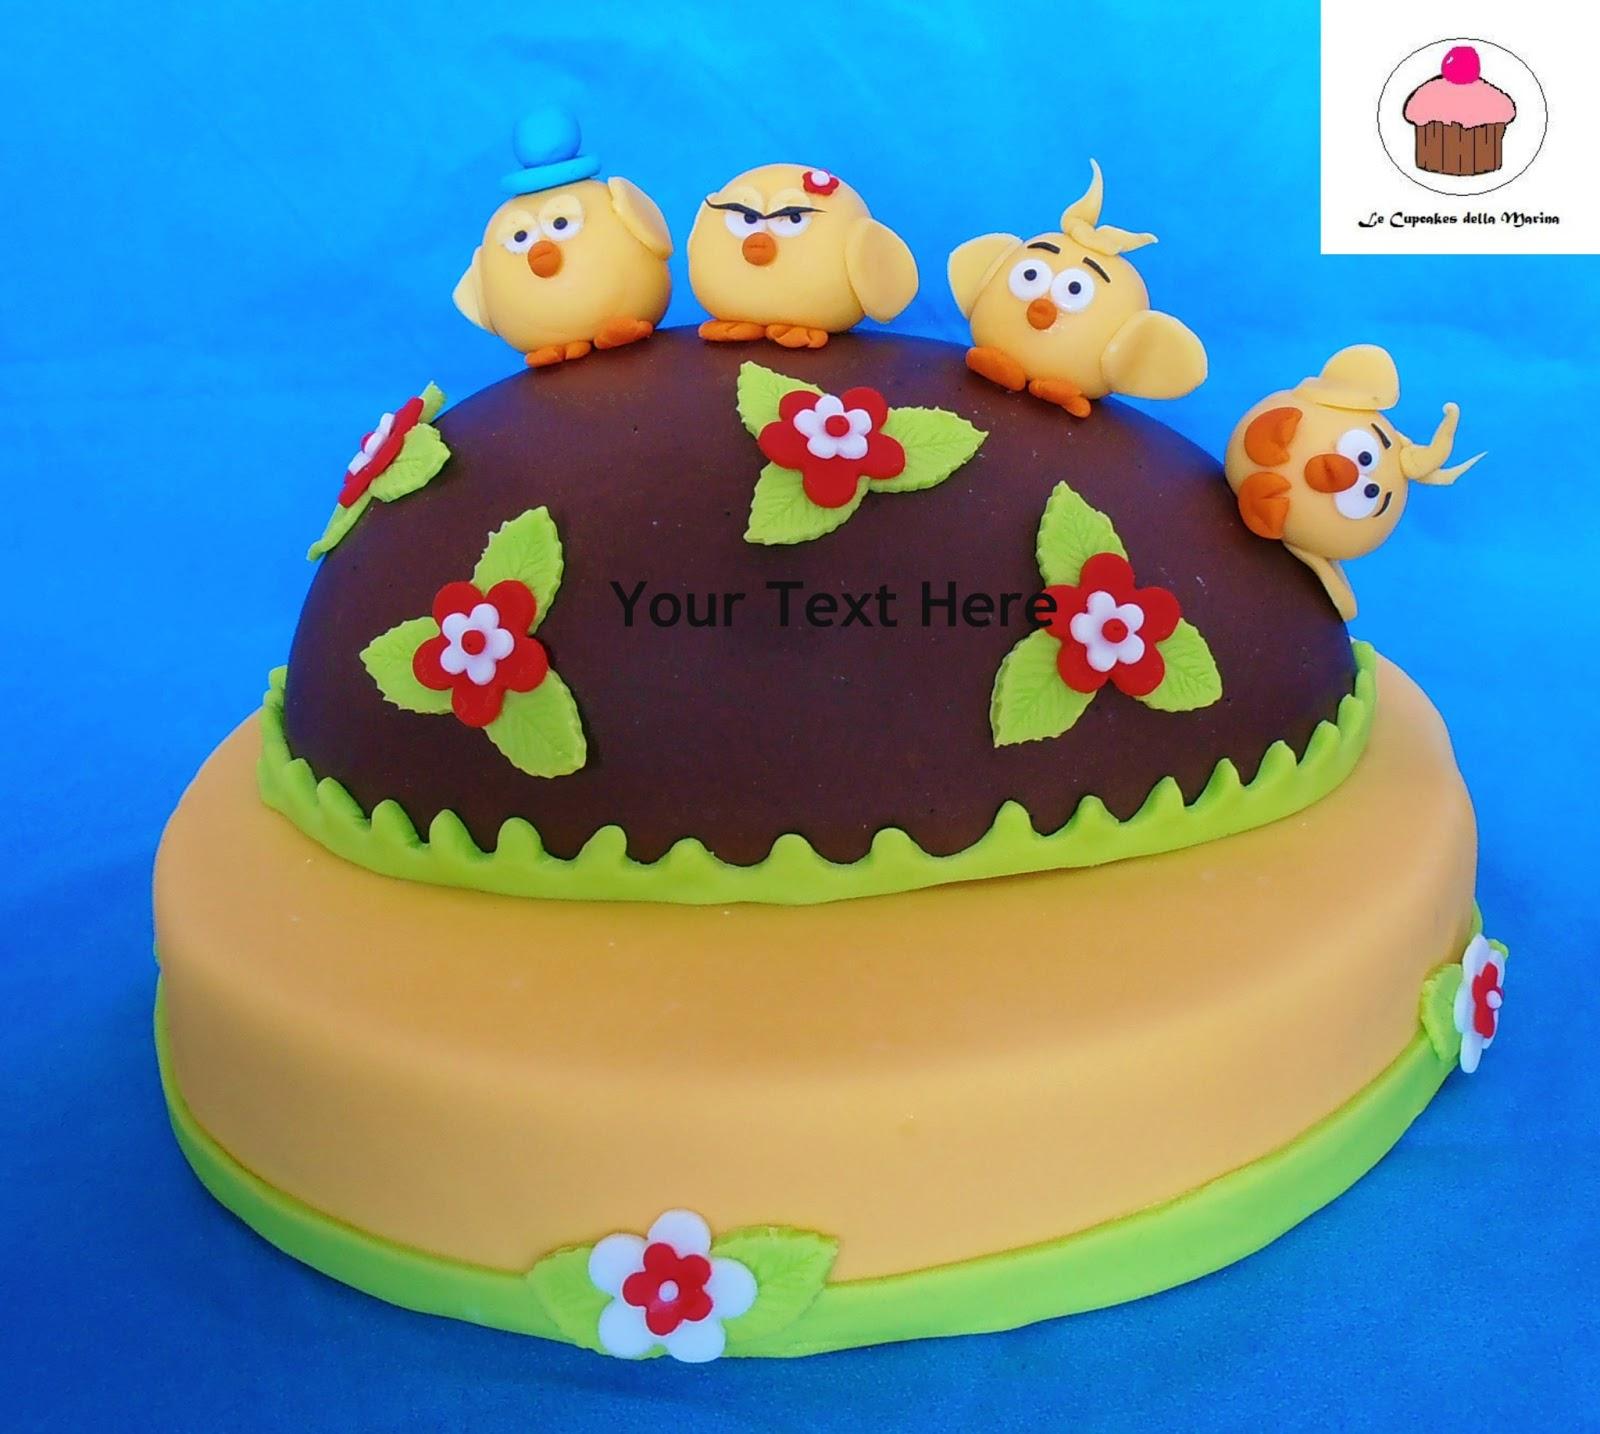 Cake Design Genova Negozi : Le Cupcakes della Marina: Corso Cake design Genova 6 marzo ...